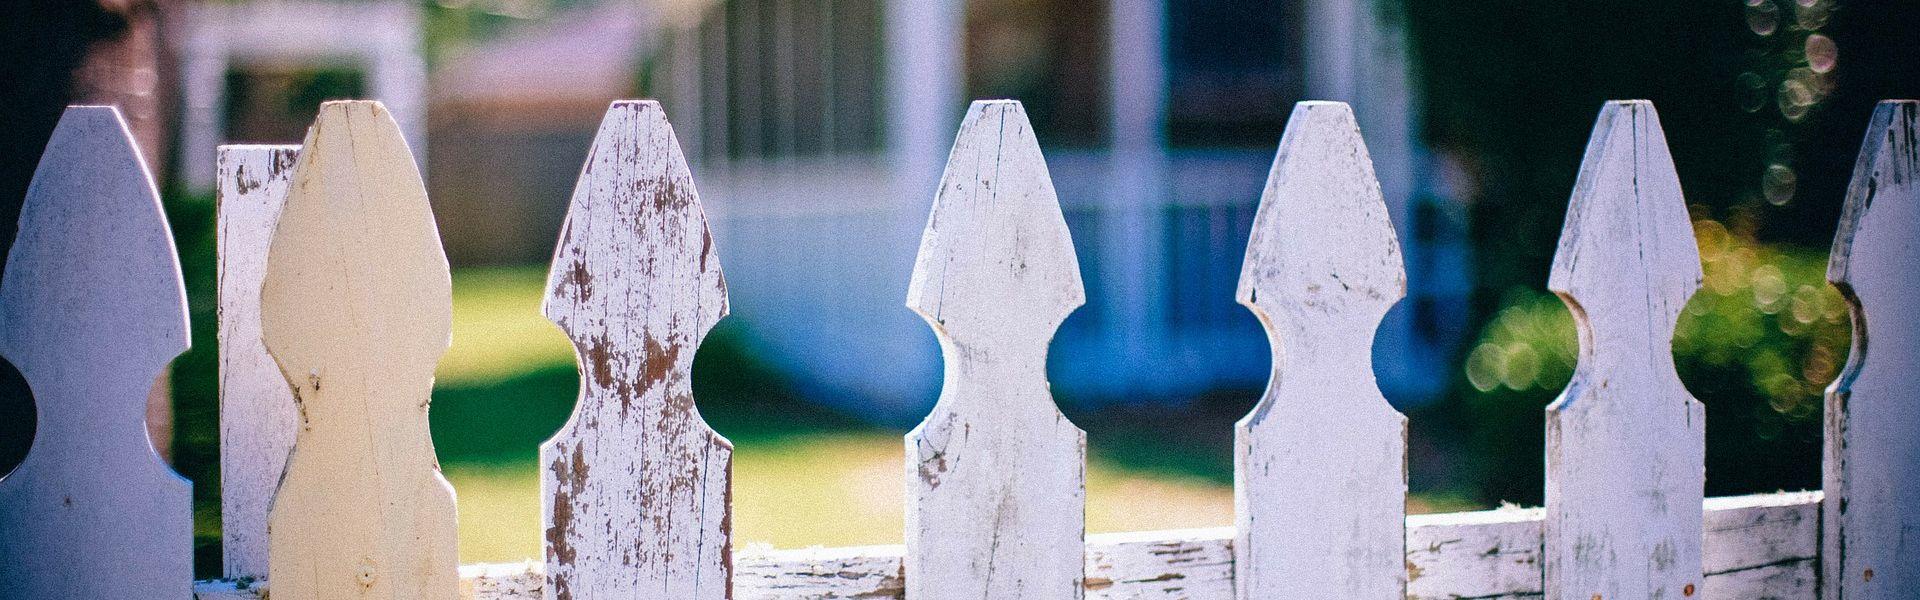 Tuinhekje bij de column 'Mijn buurman' van Paul Schrijft. Foto Pixabay PublicDomainArchive